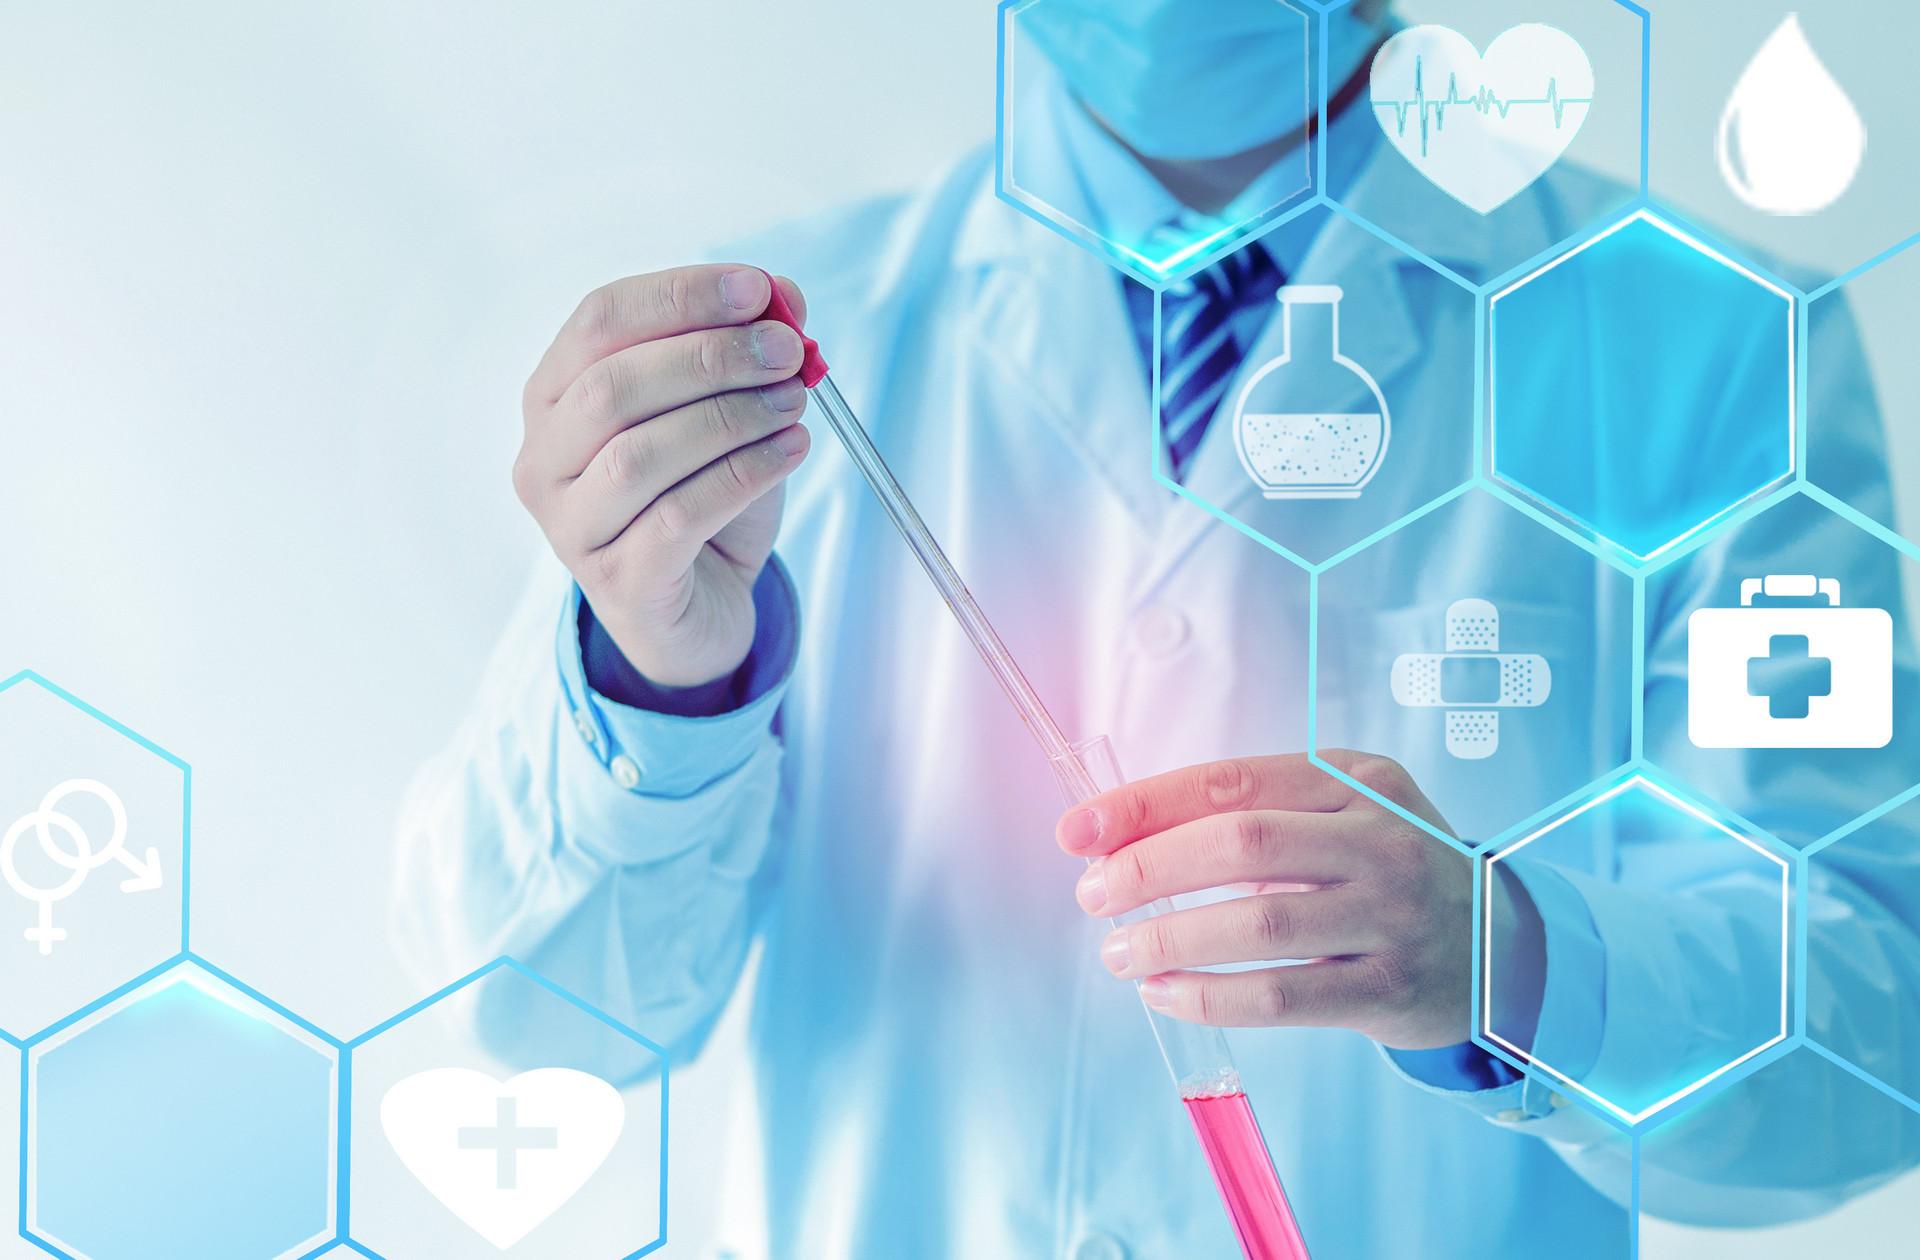 中国原创干细胞治疗方案突破世界性难题